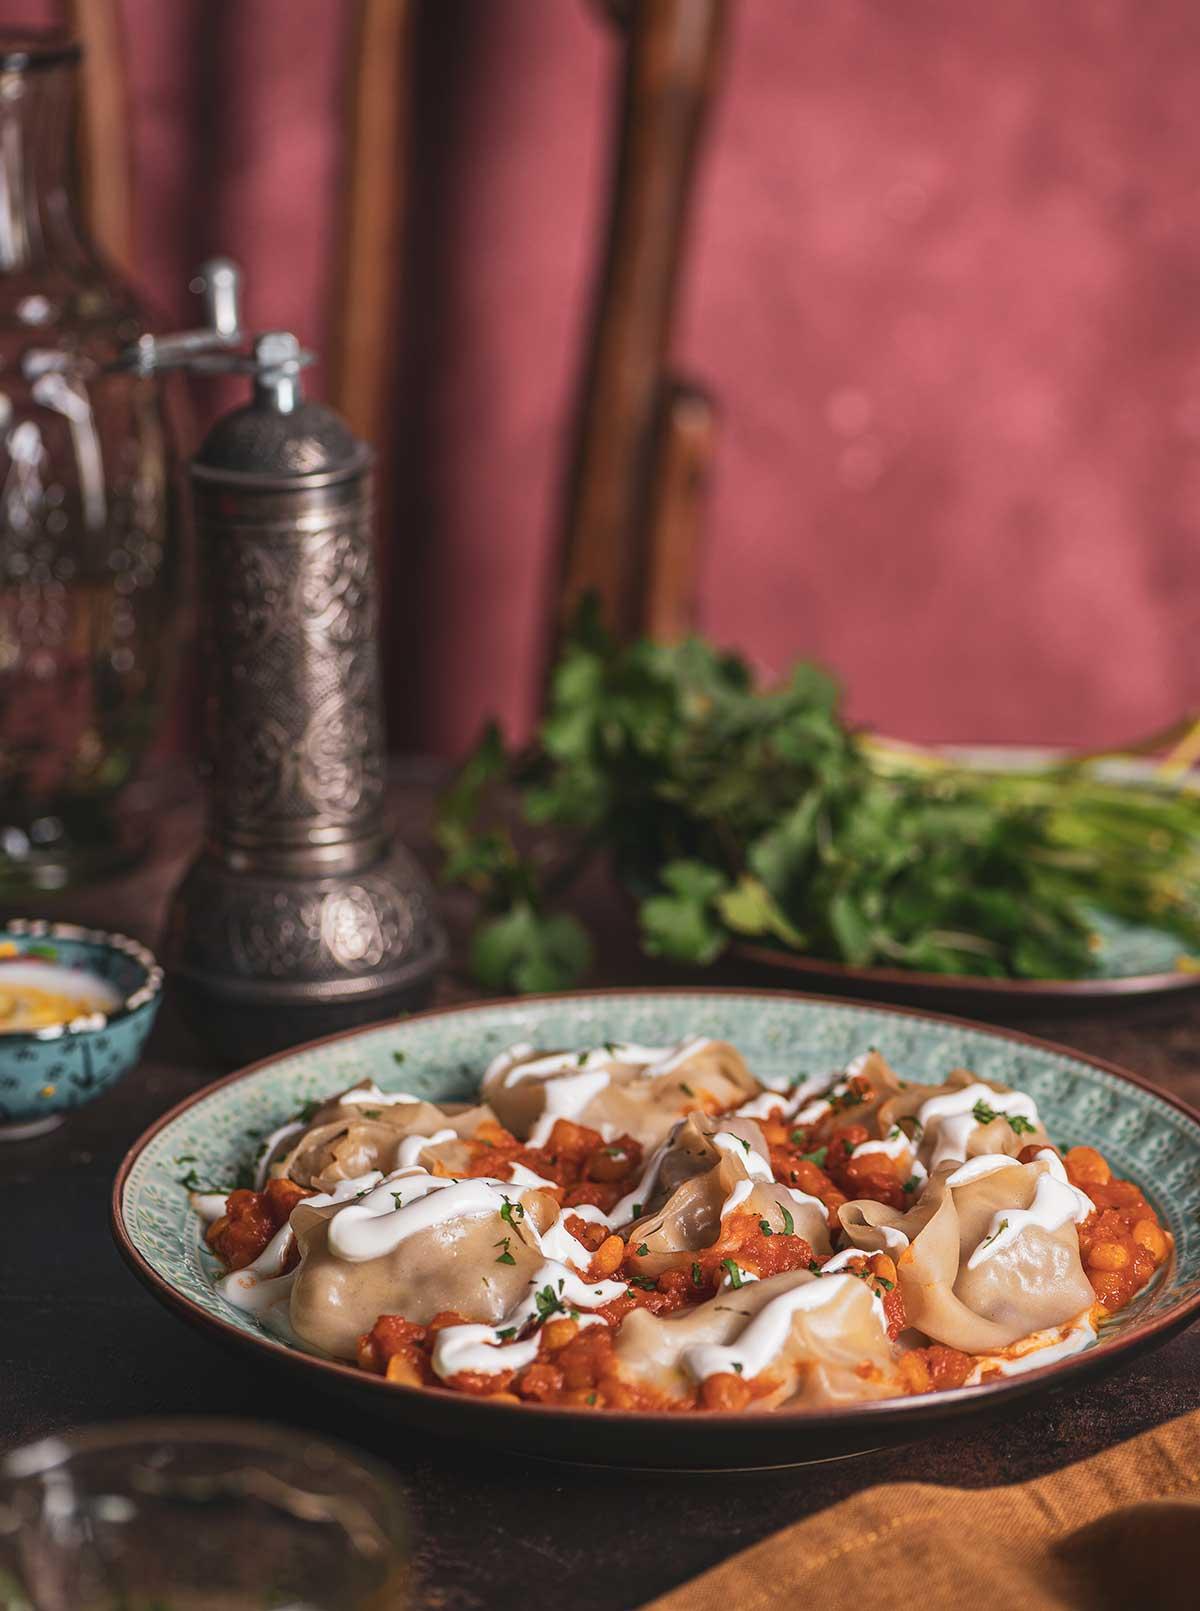 Foto von mit Joghurt garnierten Mantu-Teigtaschen auf einem Teller.